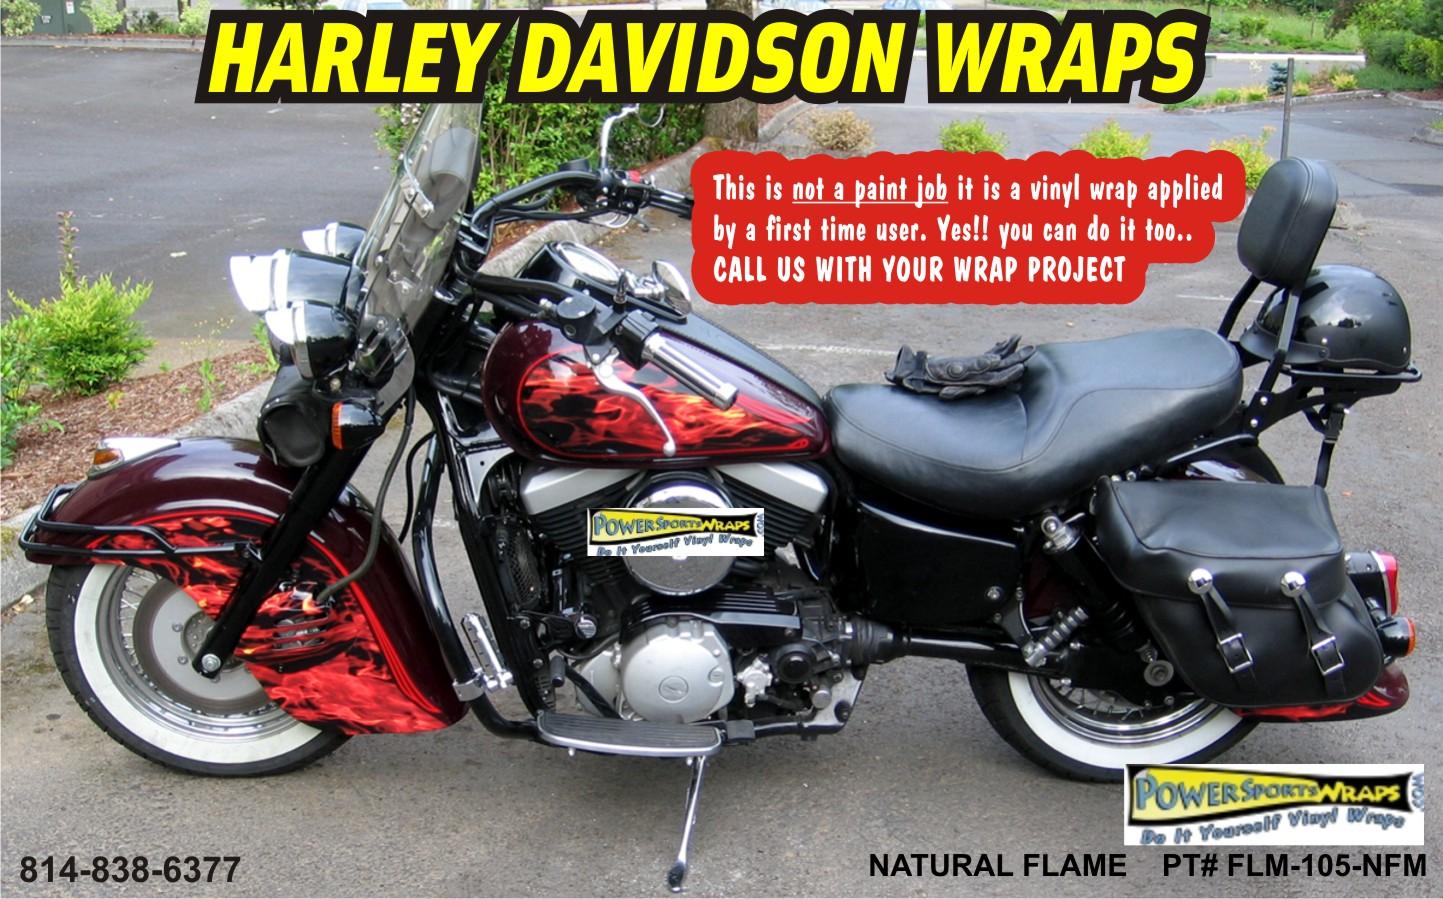 True Fire Bike Wrap Archives Powersportswrapscom - Vinyl skins for motorcyclestrue fire bike wrap archives powersportswrapscom